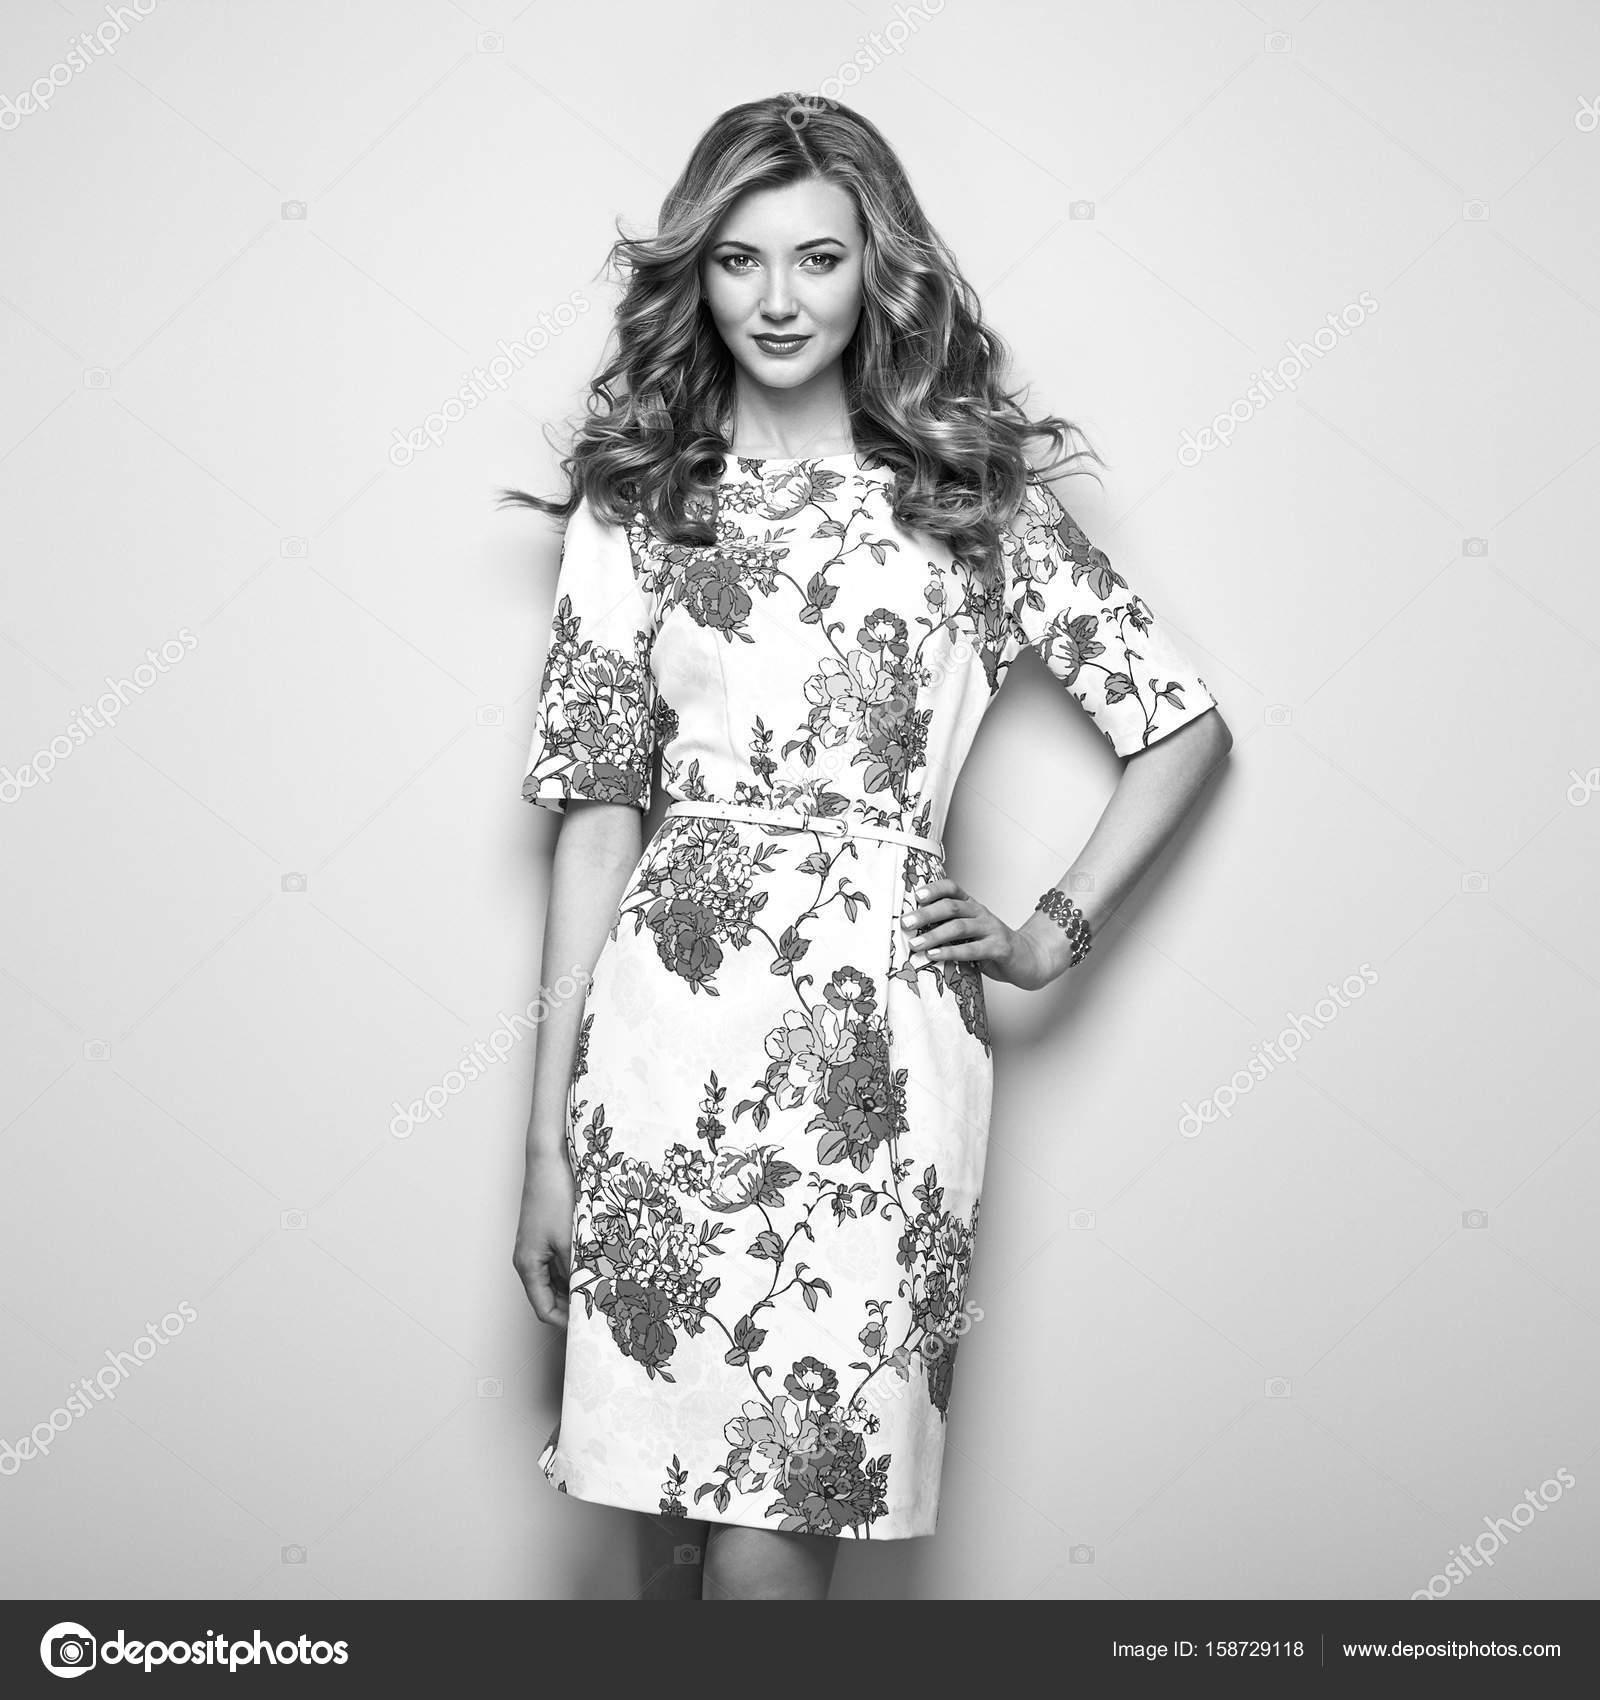 14a49bacb5 Szőke fiatal nő virágos nyári ruha. Lány pózol a fehér háttér előtt. Elegáns  hullámos frizura. Divat fekete-fehér fotó. Szőke hölgy — Fotó szerzőtől ...